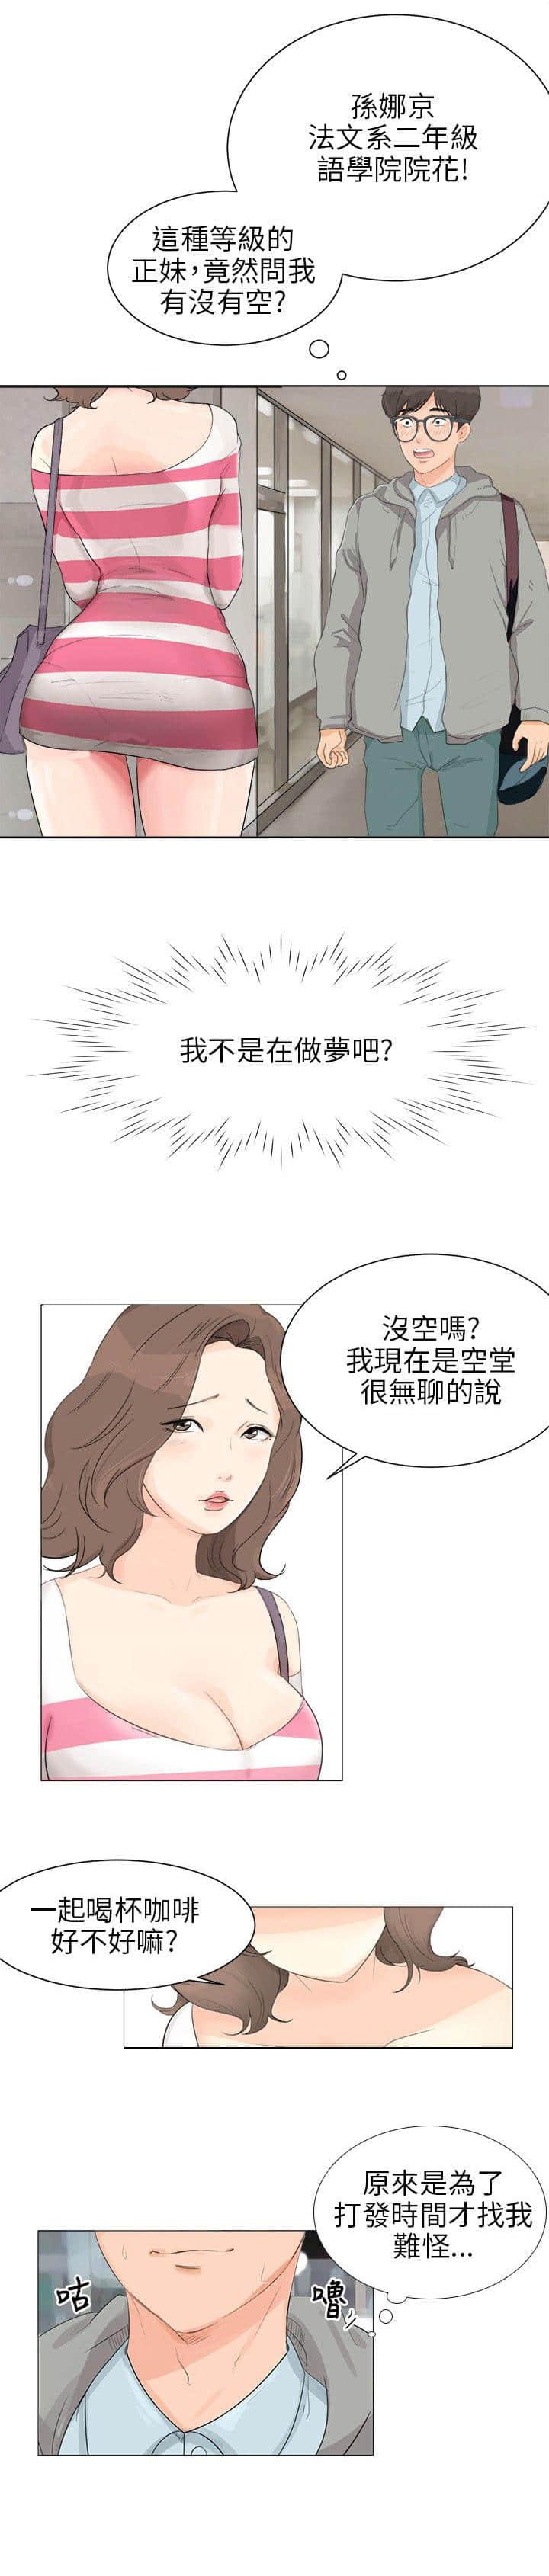 楚原【漫画韩漫&已完结】-楚原全集免费阅读